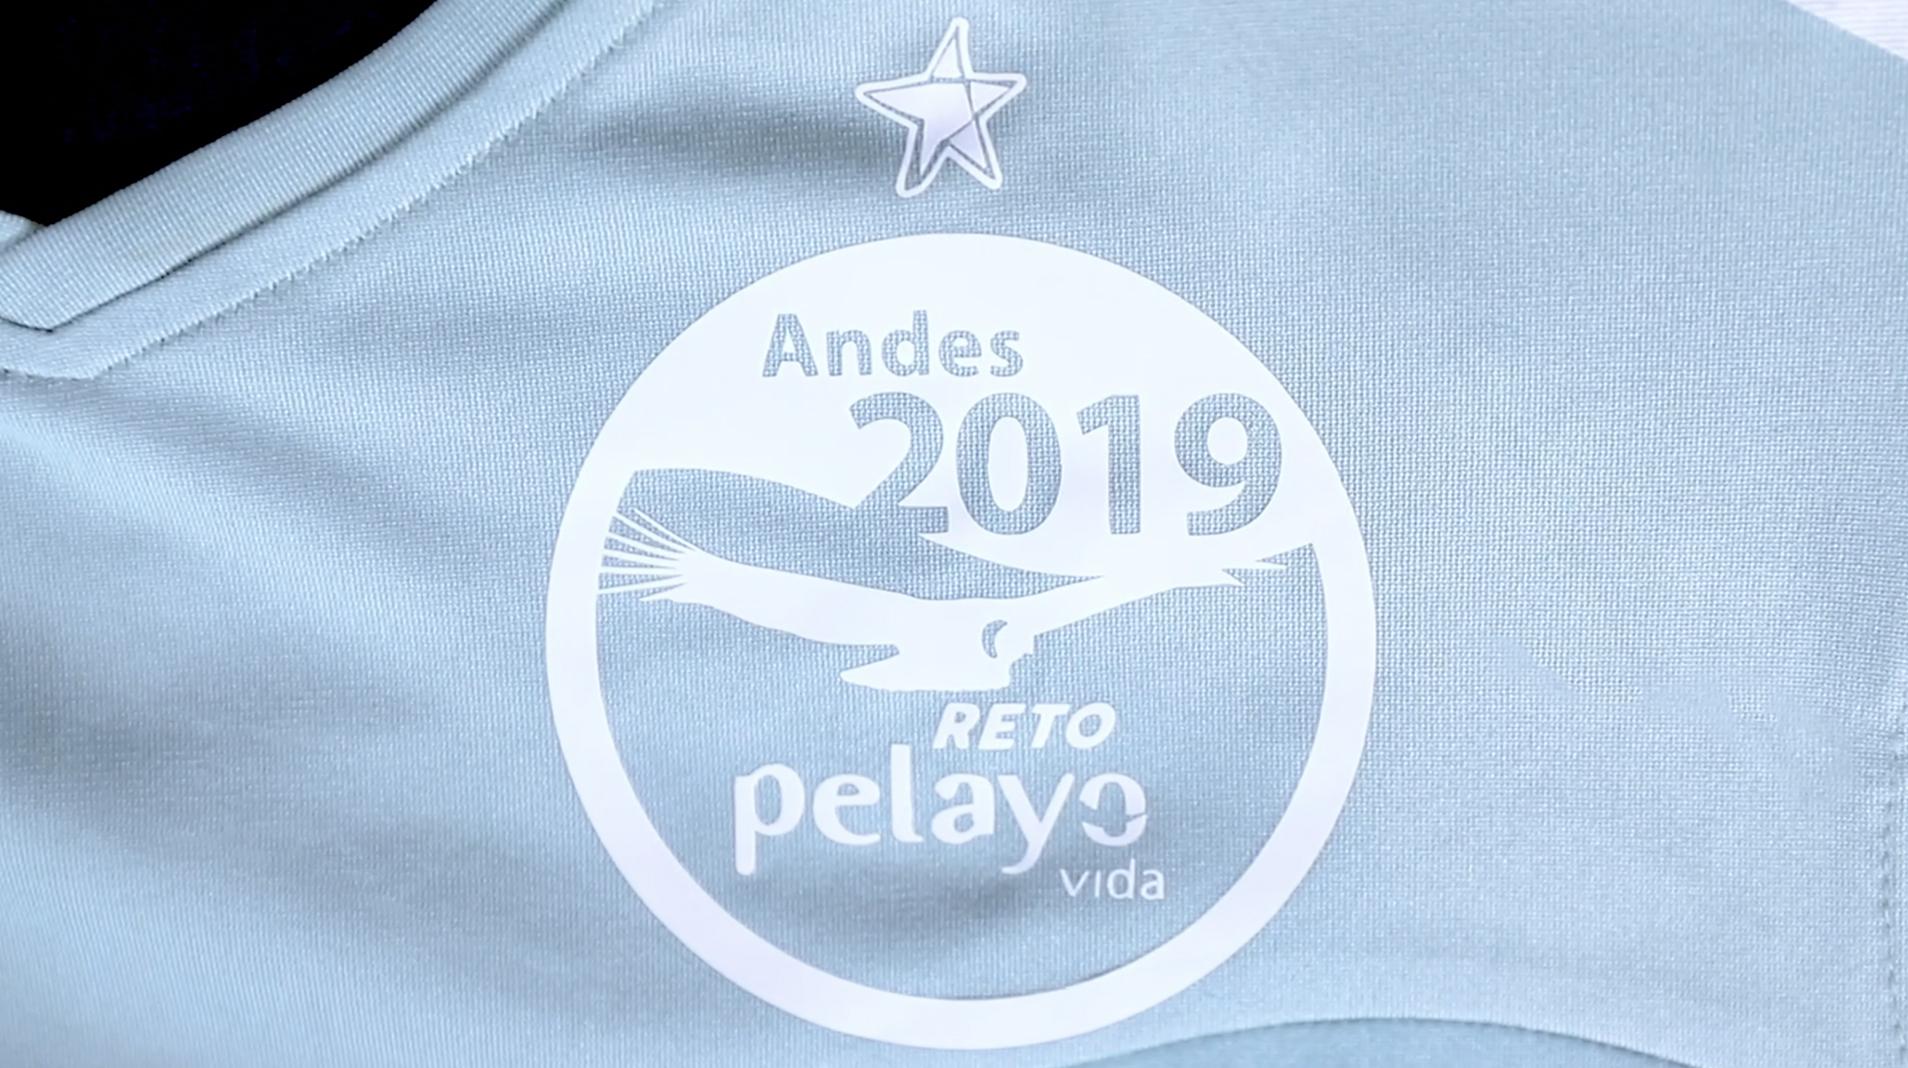 Camiseta con la estrella de cinco puntas sobre el escudo del Reto Pelayo Vida Andes 2019.